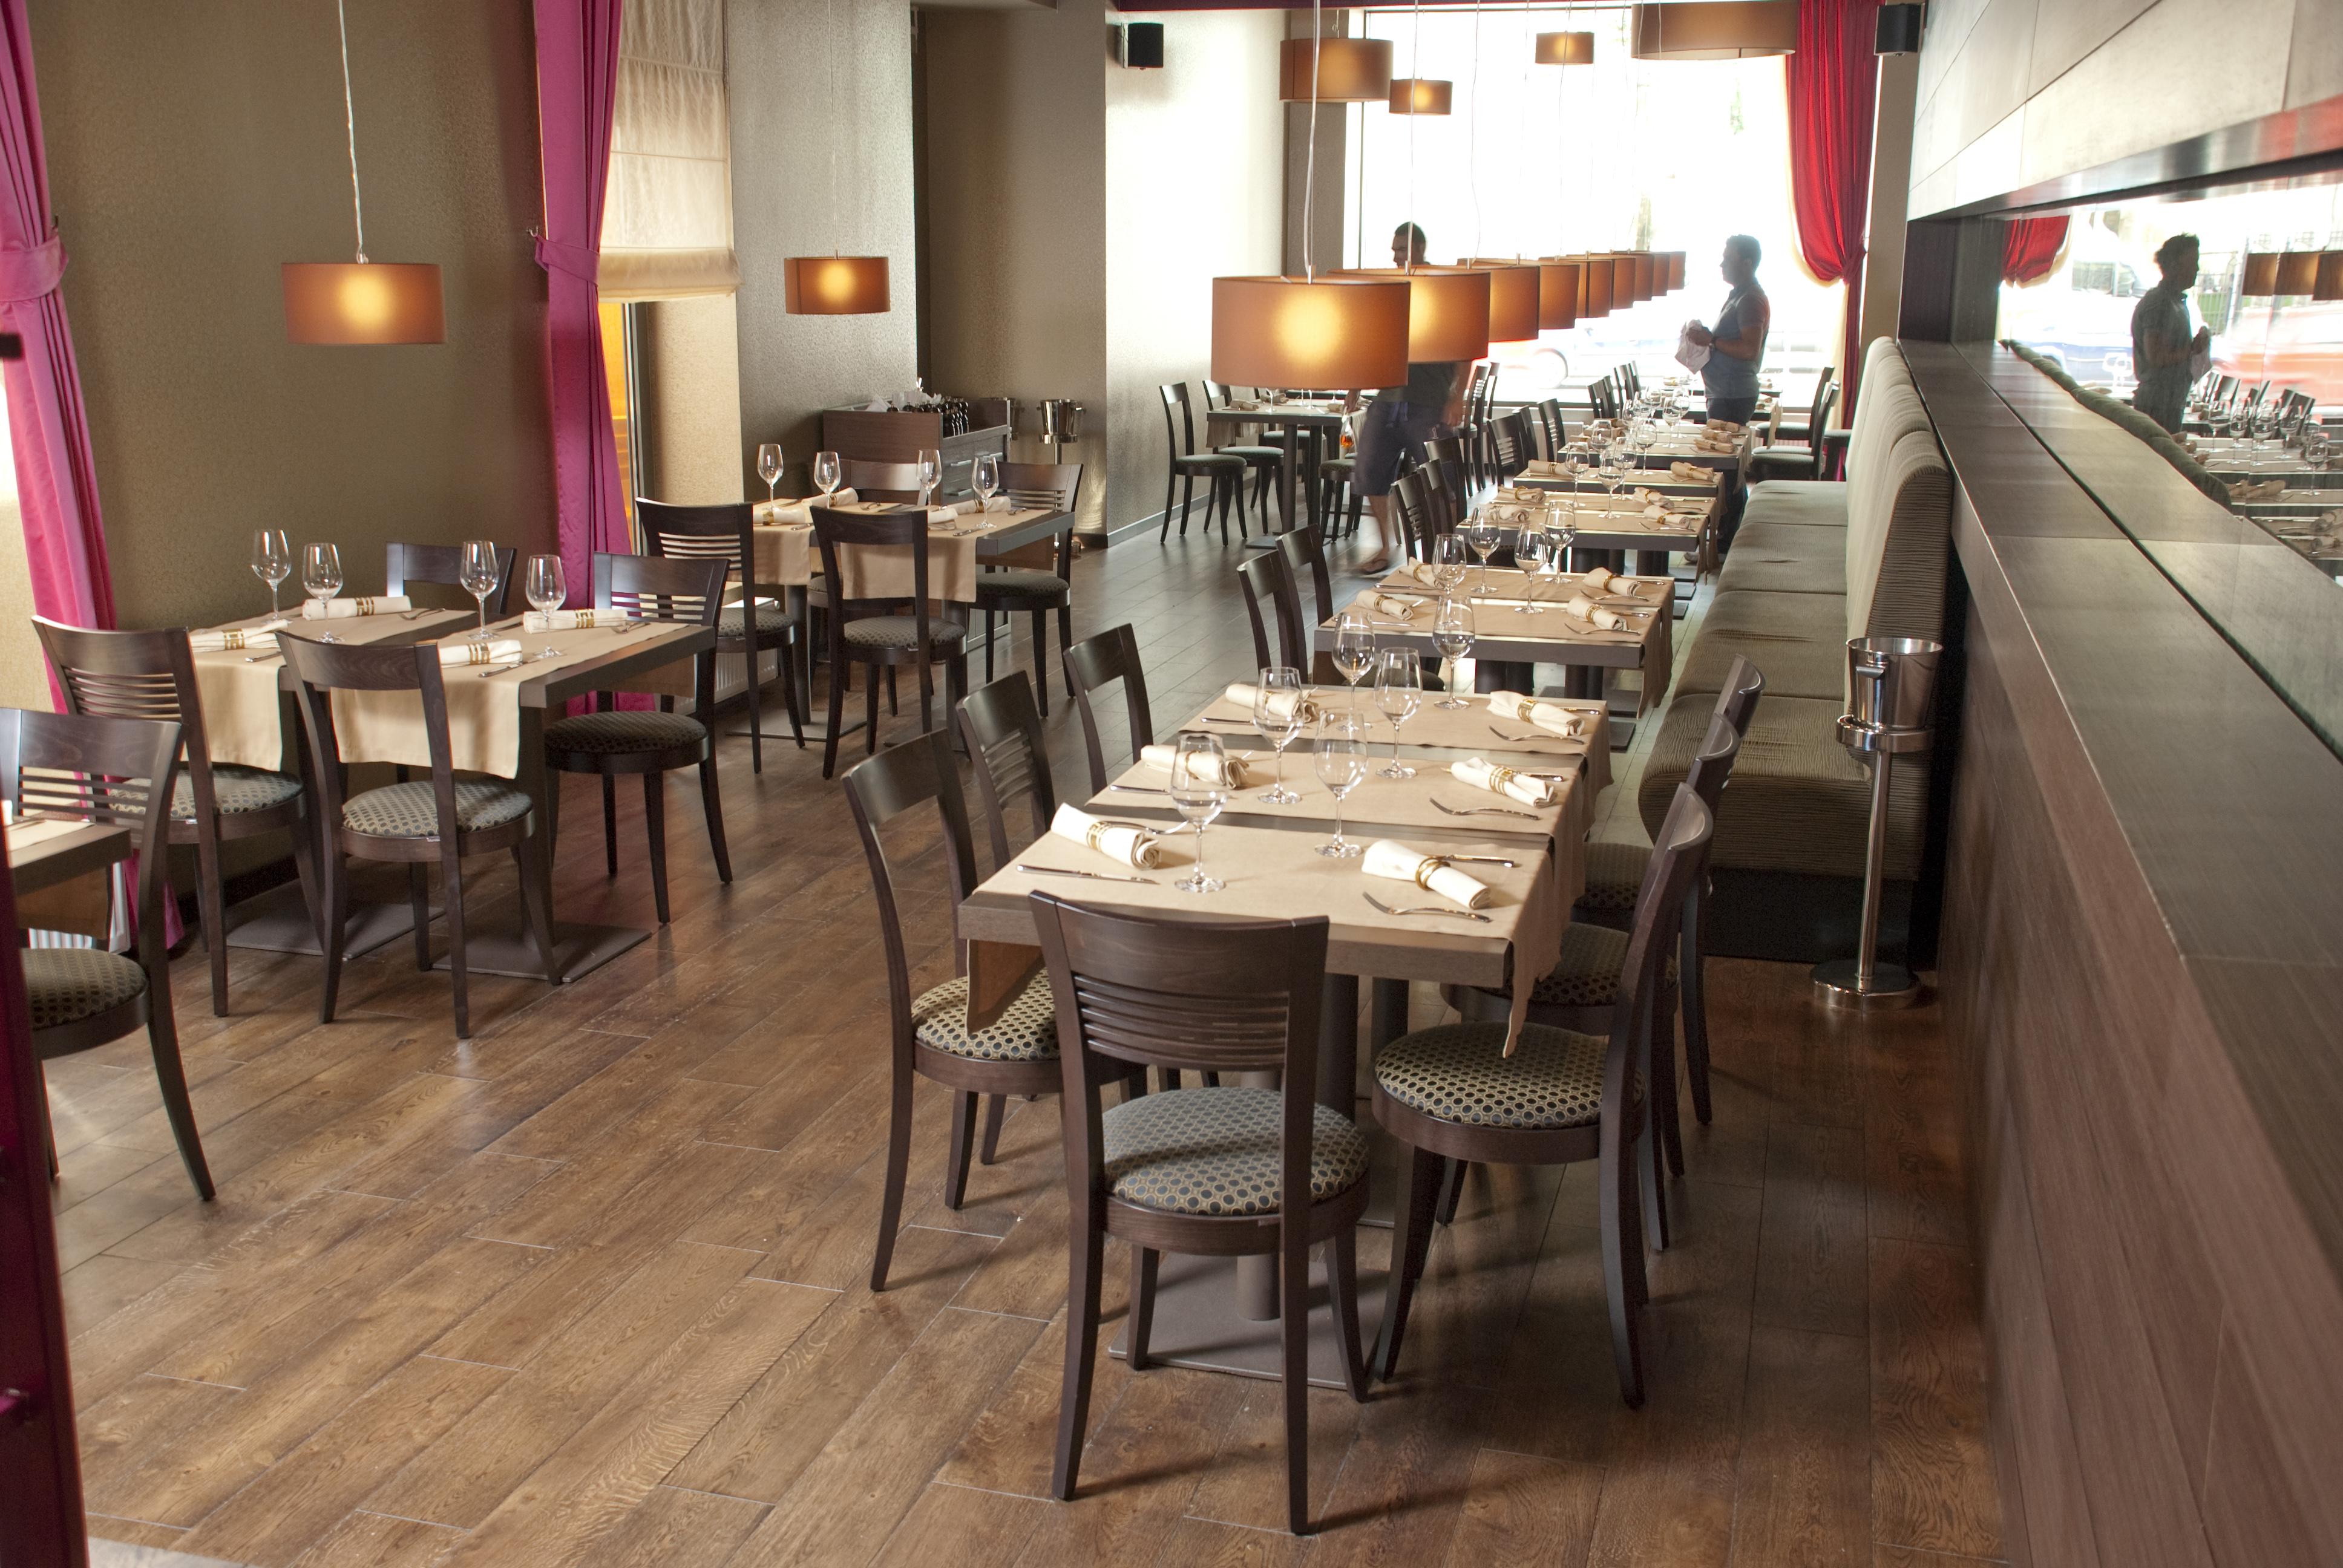 Amenajare restaurant Osteria Gioia - Bucuresti SENSIO - Poza 5